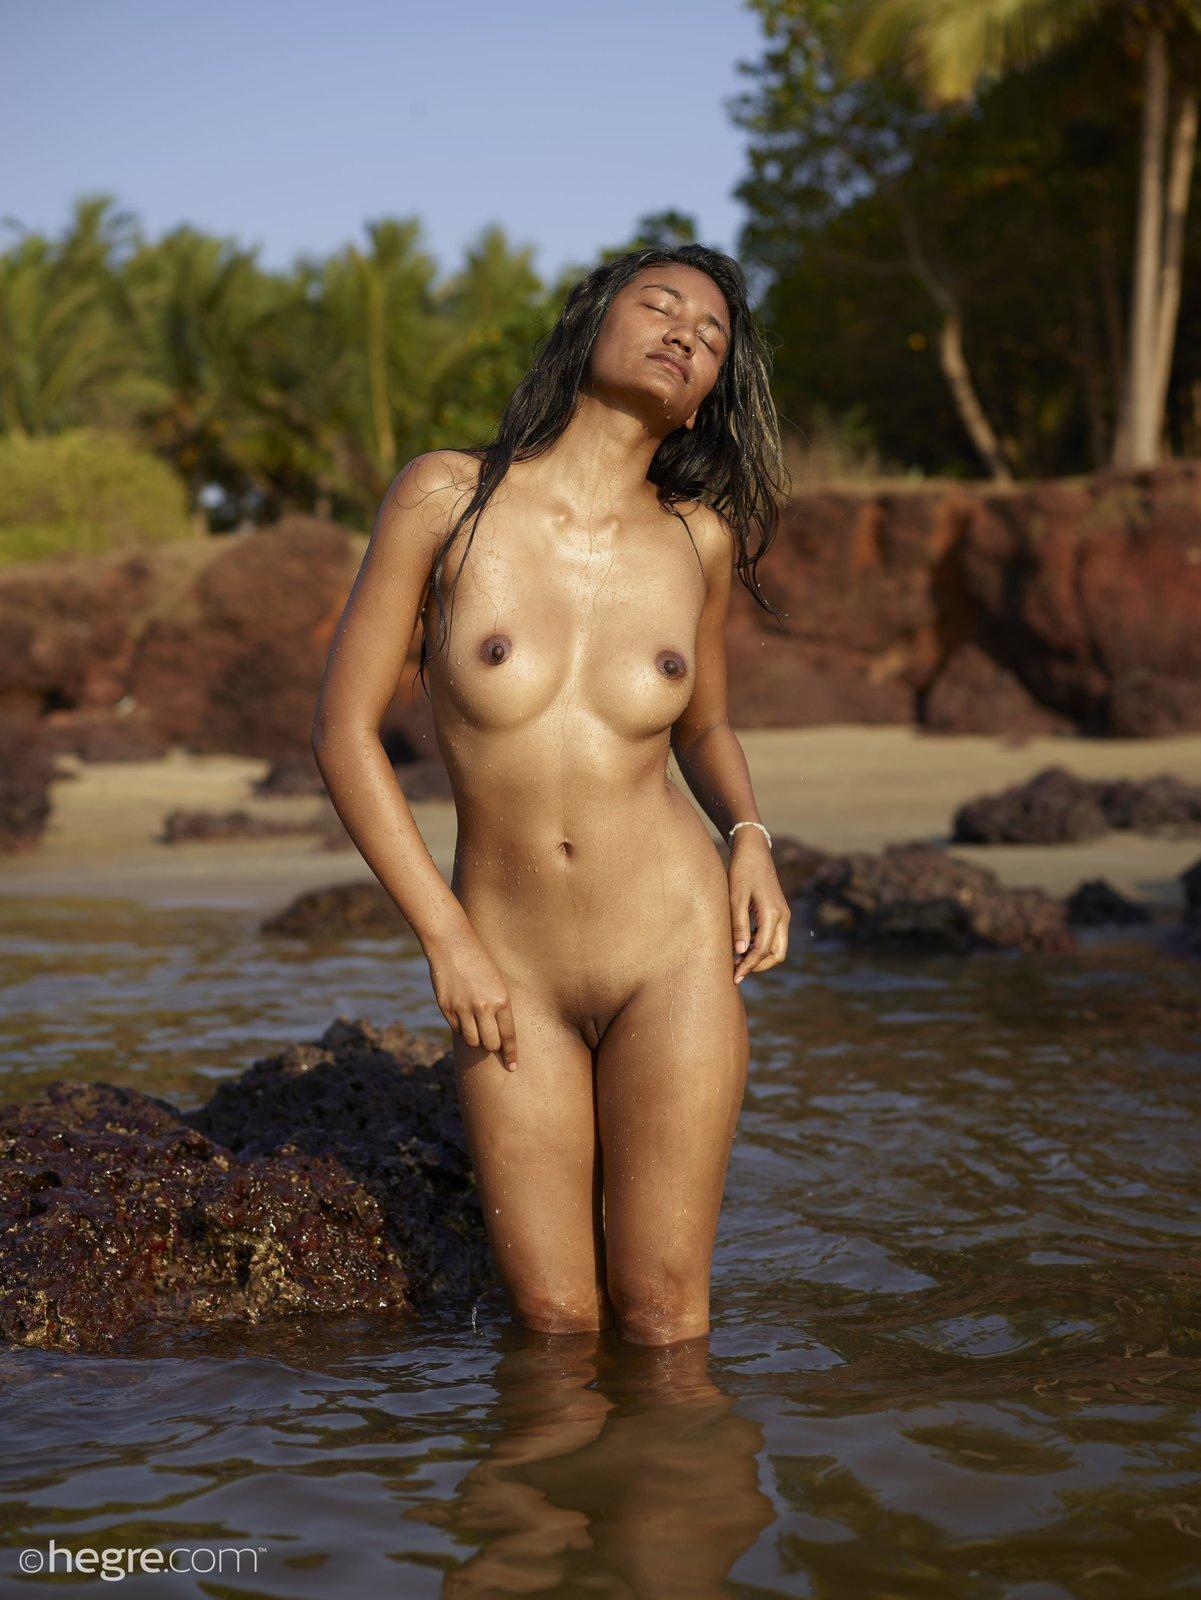 Голая индуска с соблазнтельным телом намочилась в море секс фото